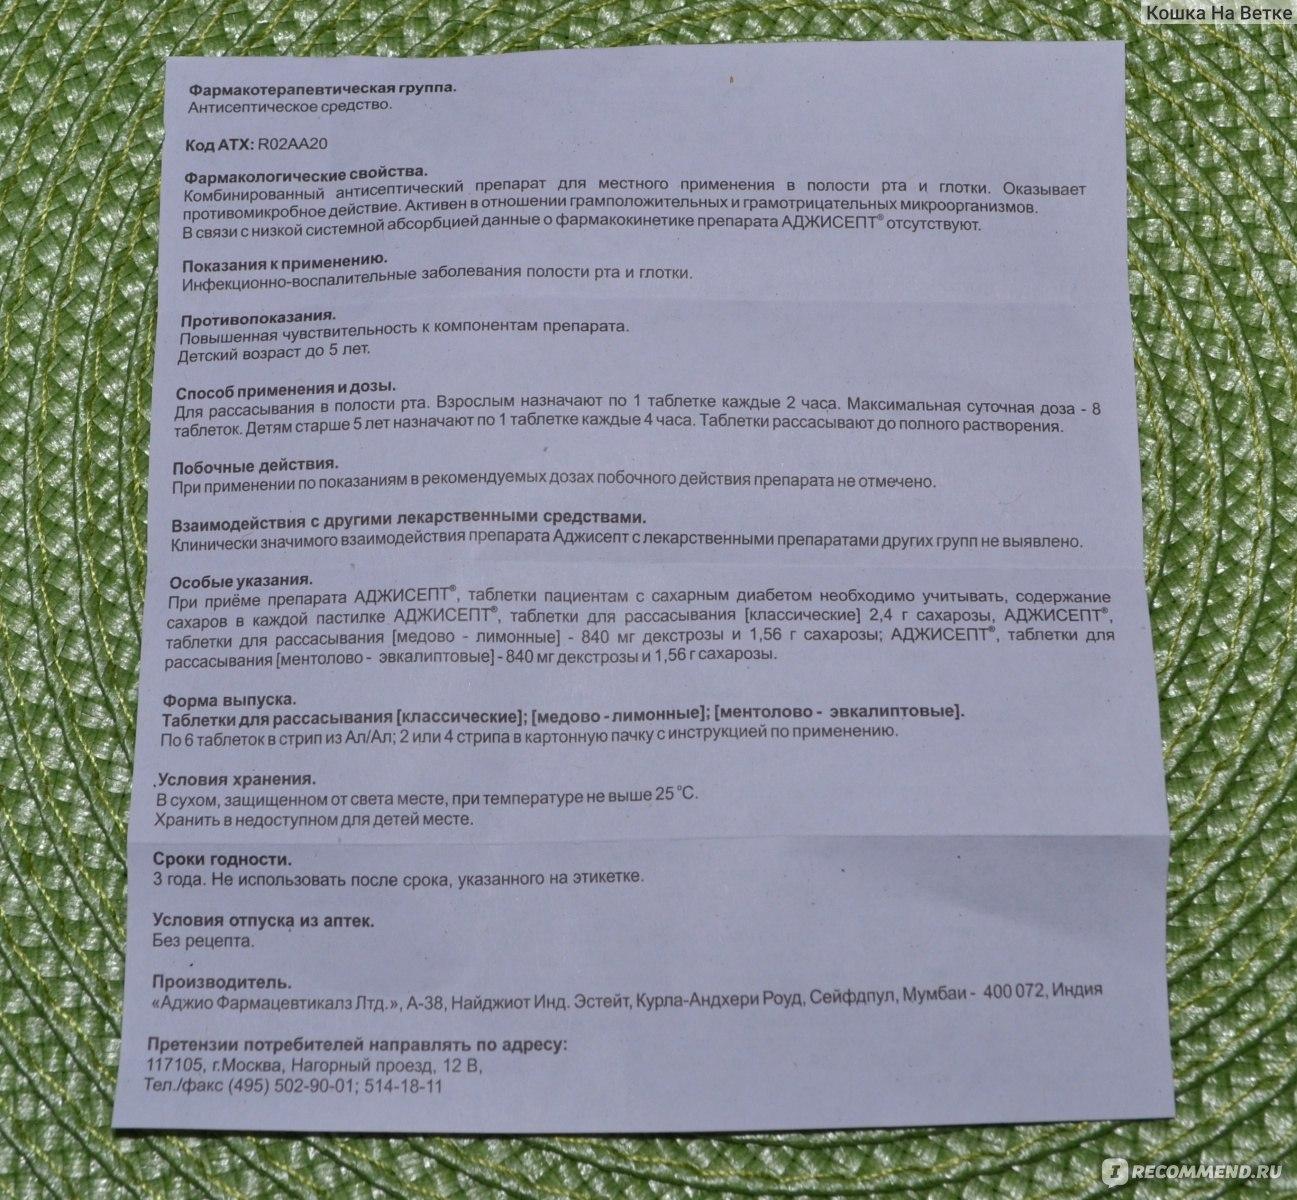 аджисепт инструкция по применению для детей отзывы